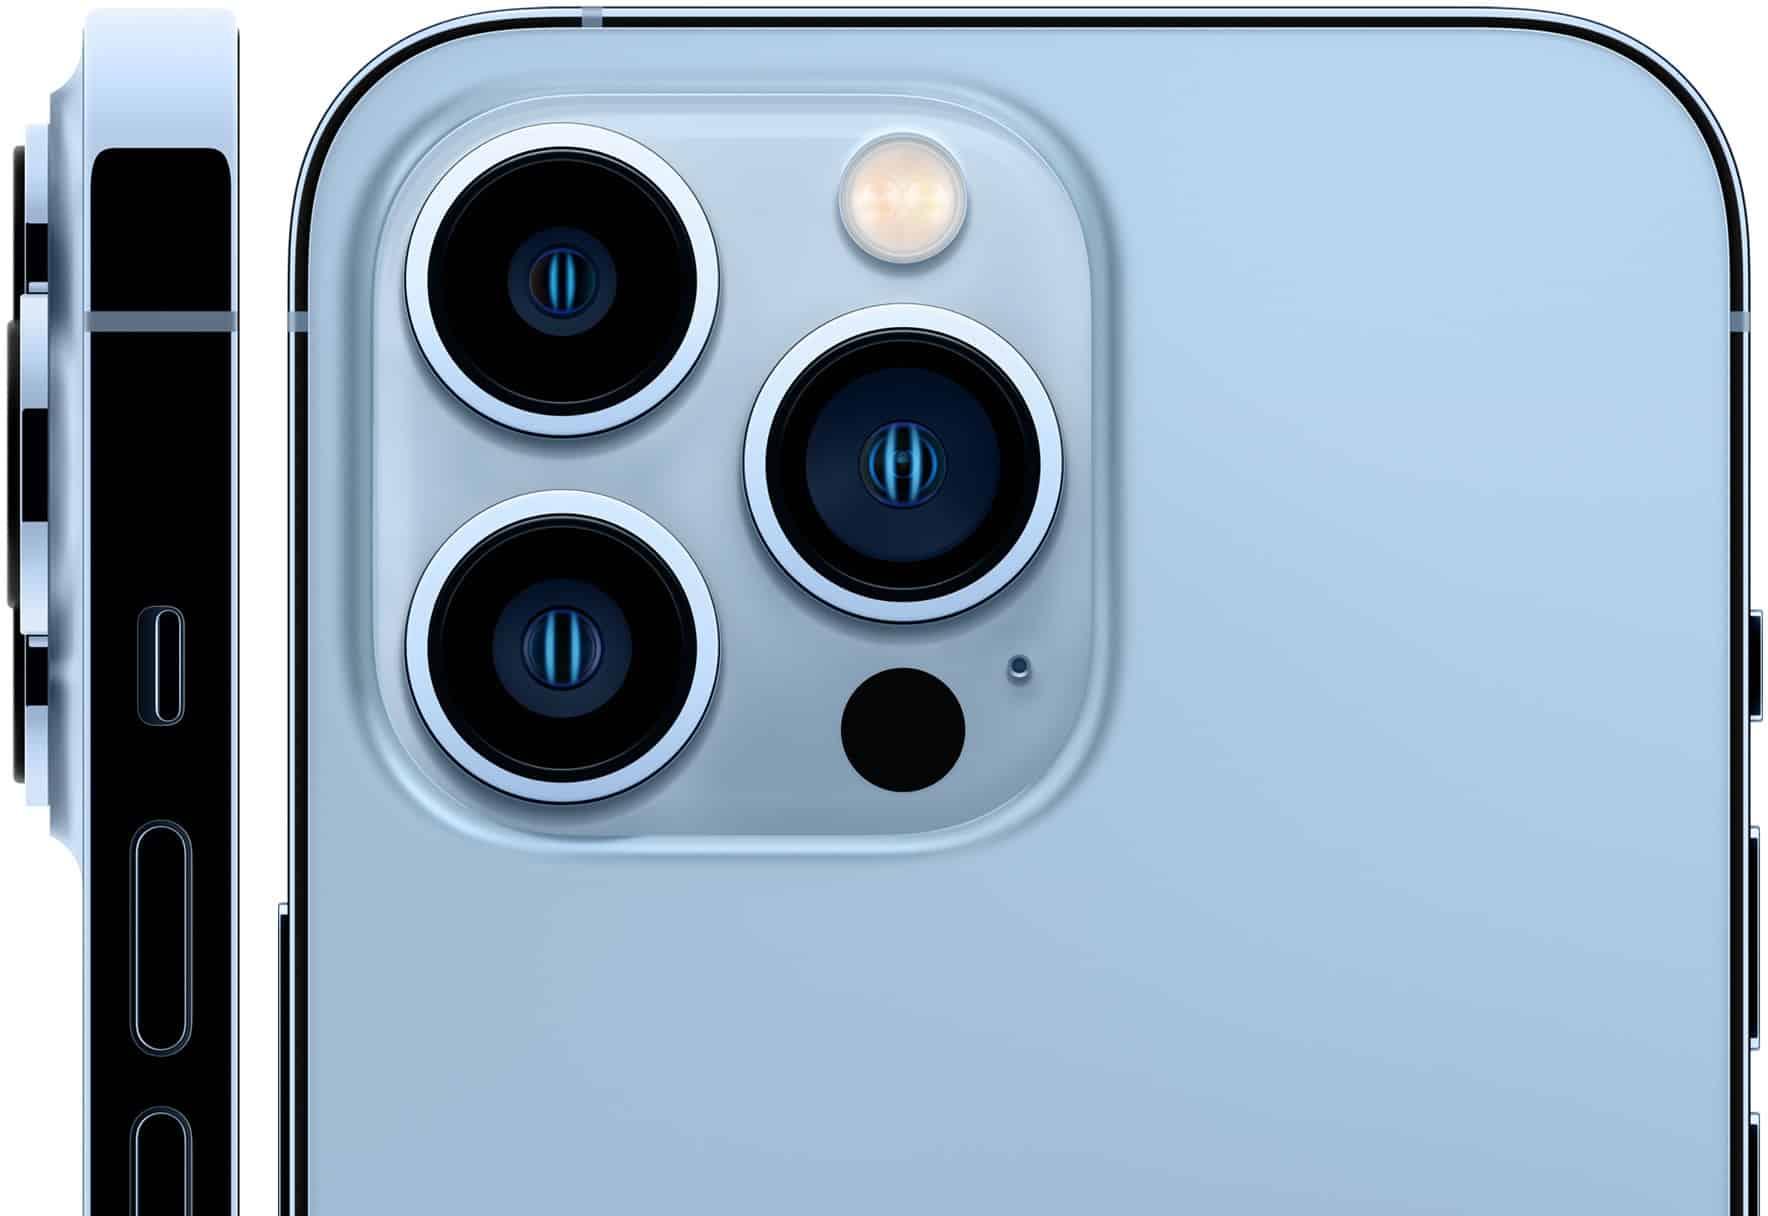 iPhone 13 e 13 Pro, iPad 2021, iPad Mini e Watch Series 7: tutte le novità Apple raccontate in dettaglio